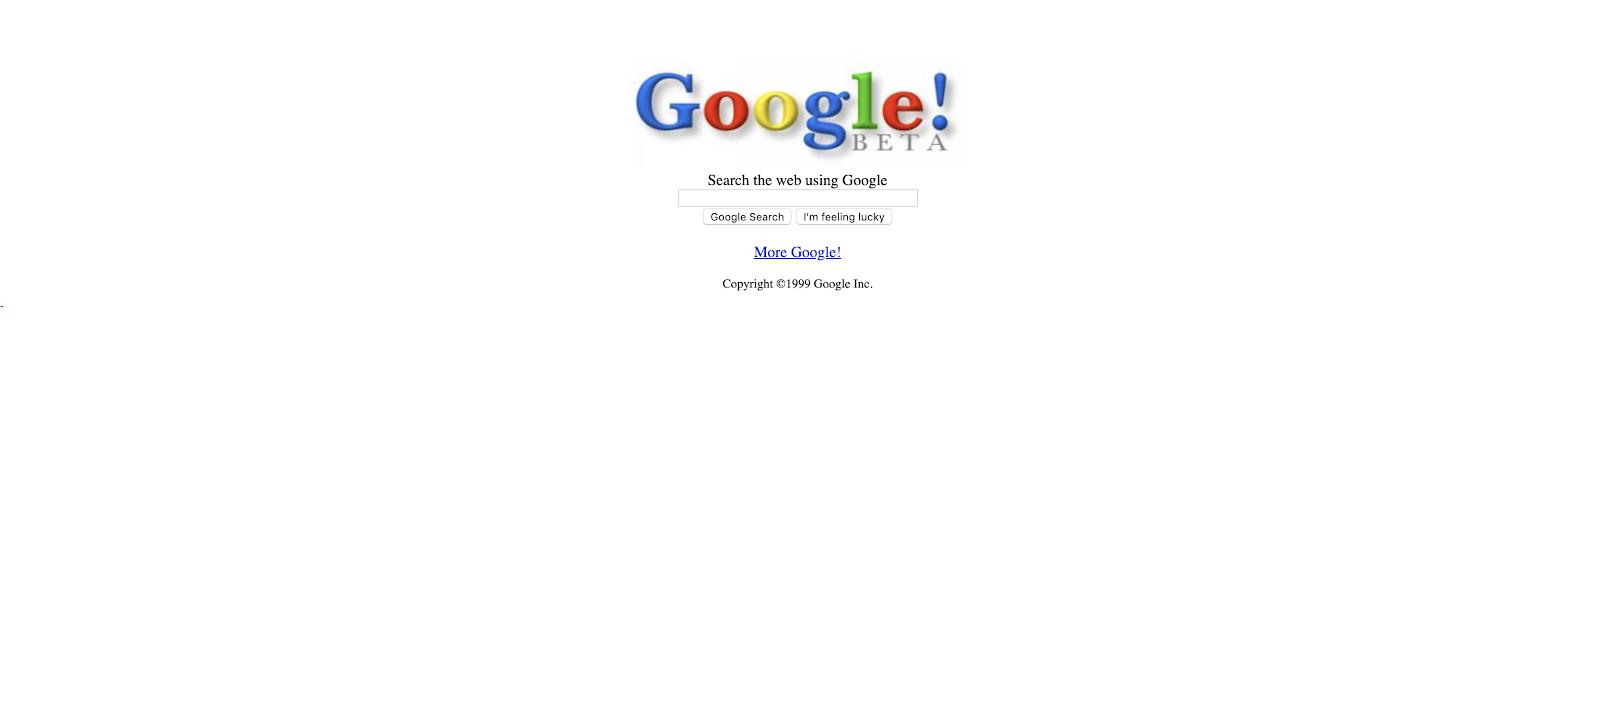 google in 199